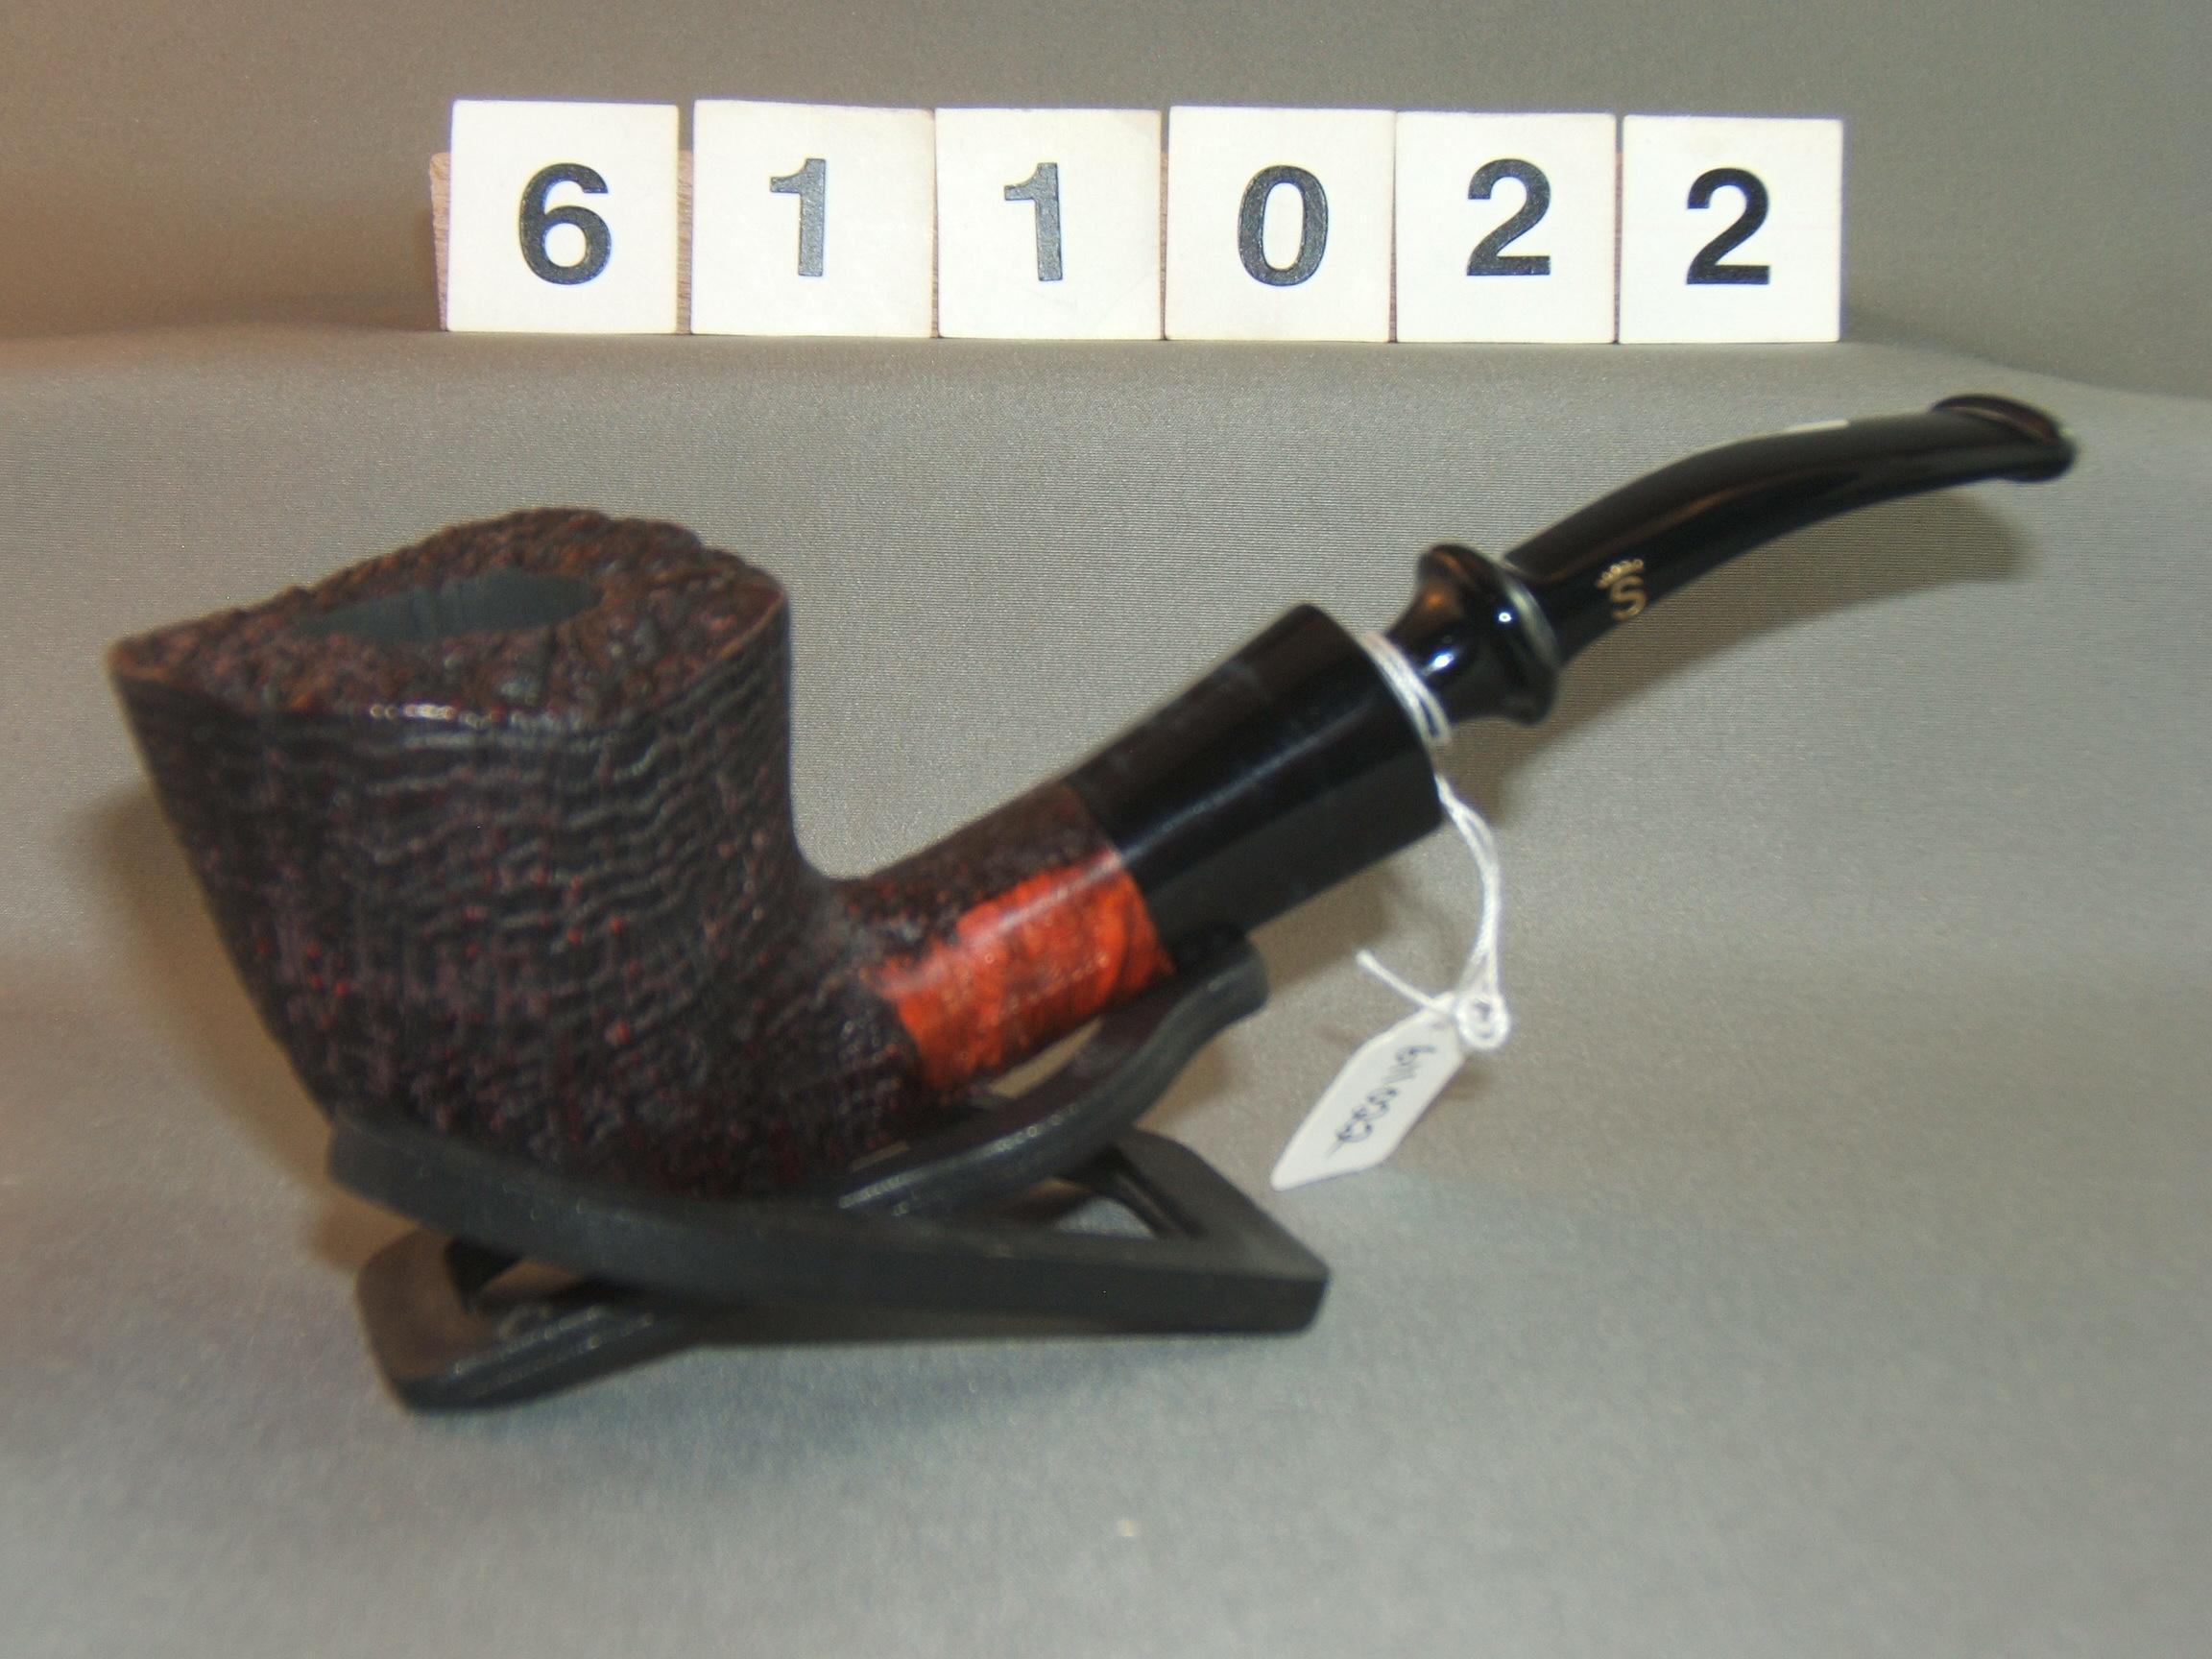 611022 Stanwell De Luxe Sandblast 63m 114 95